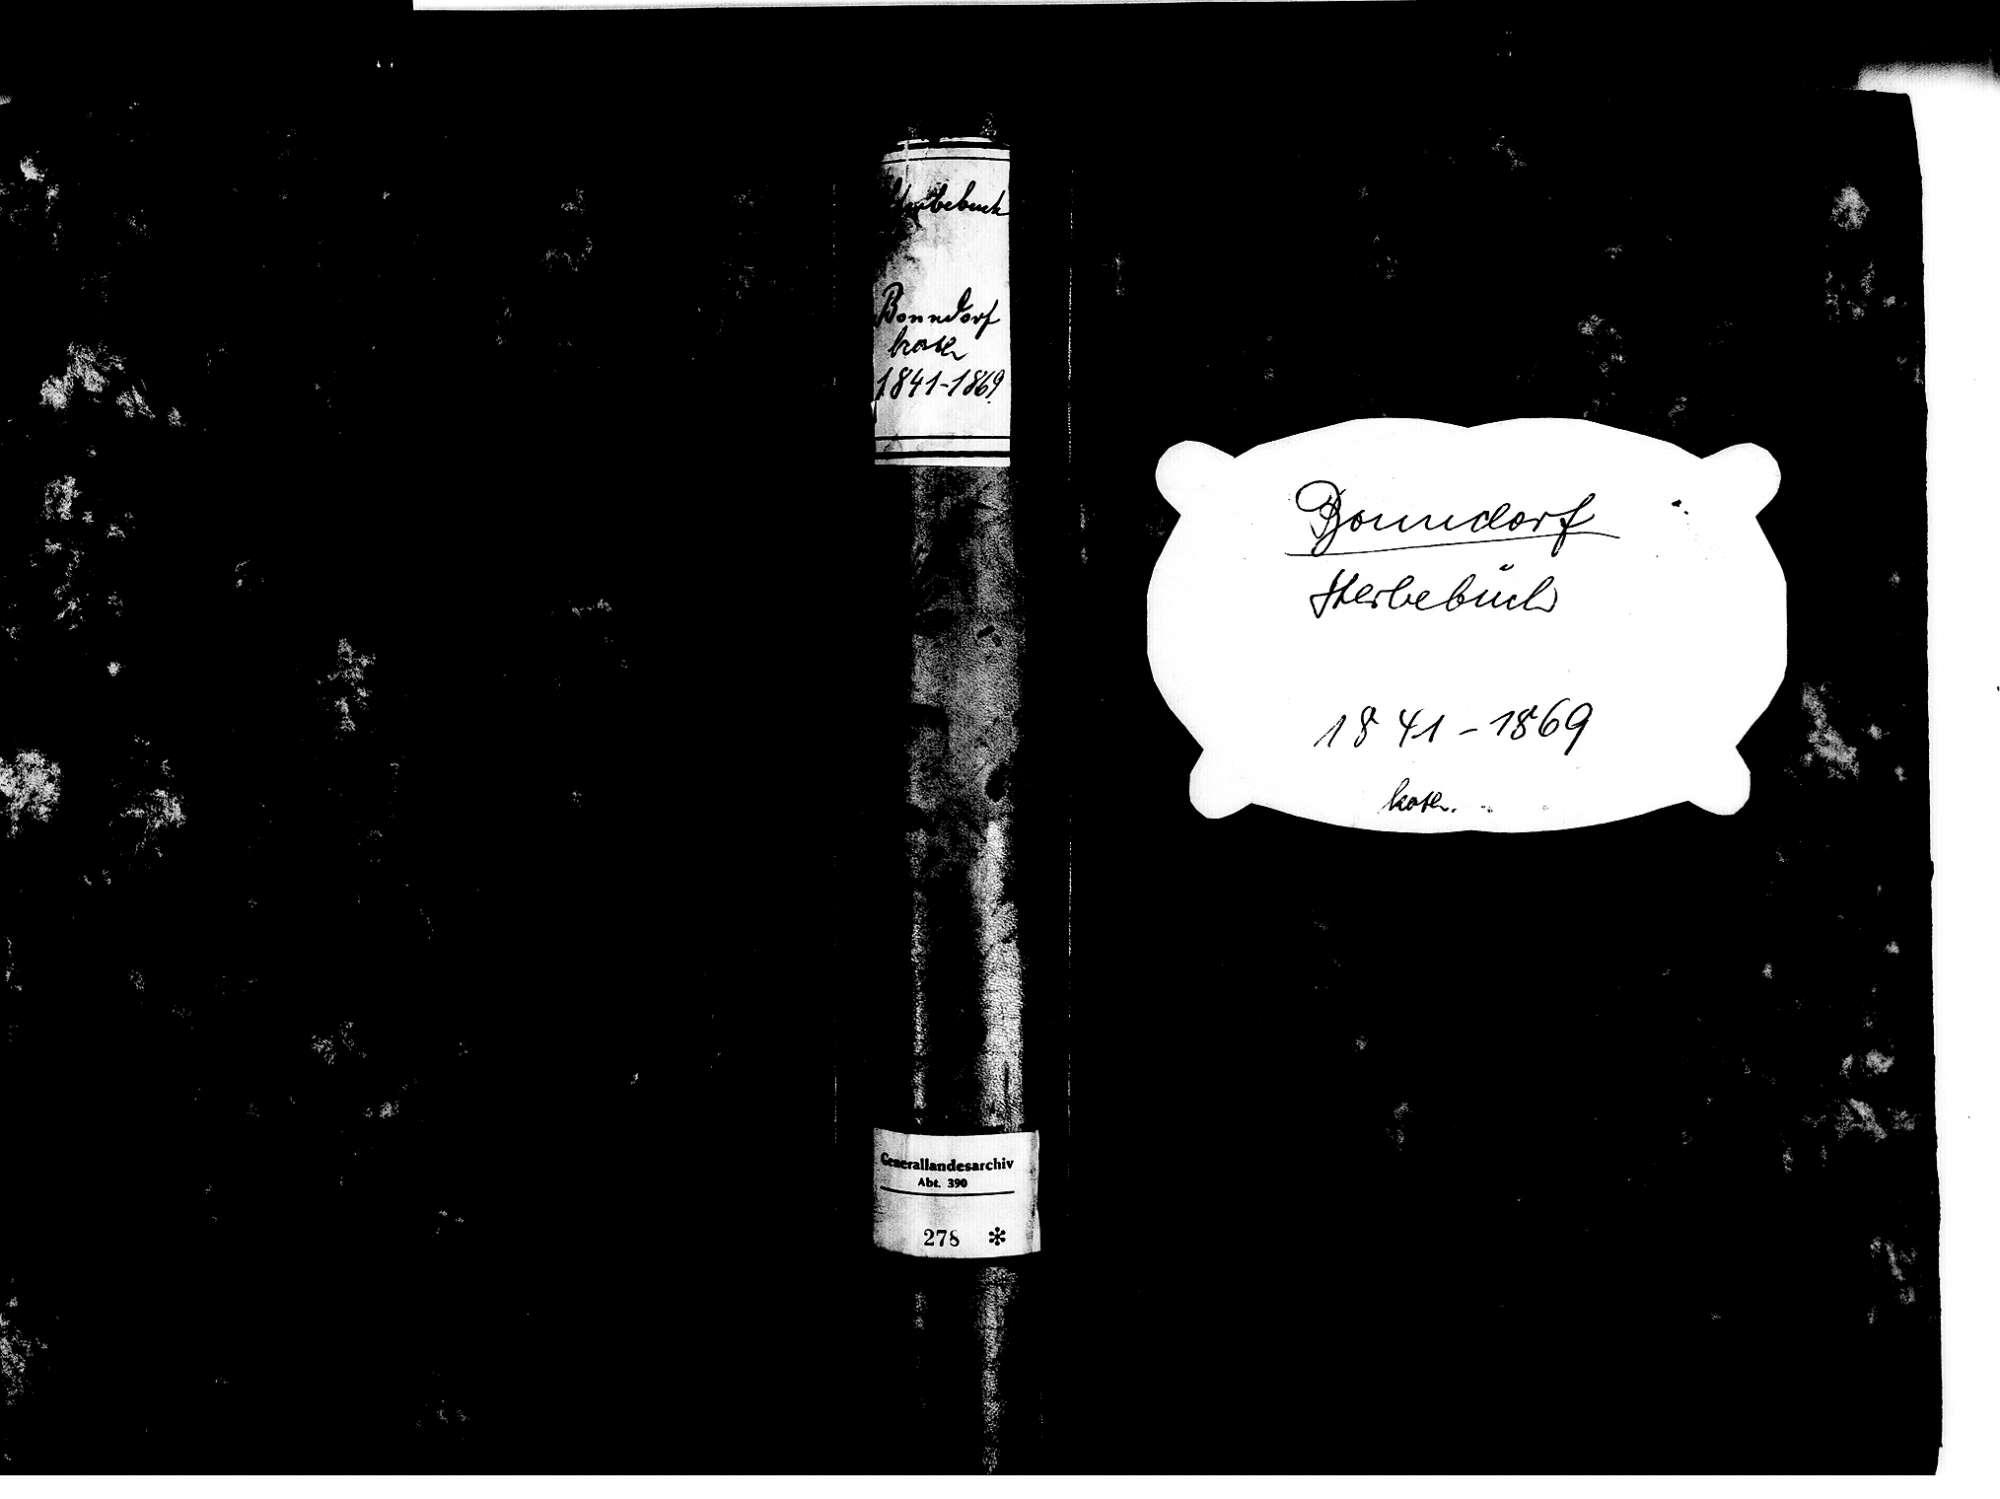 Bonndorf im Schwarzwald WT; Katholische Gemeinde: Sterbebuch 1841-1869, Bild 1